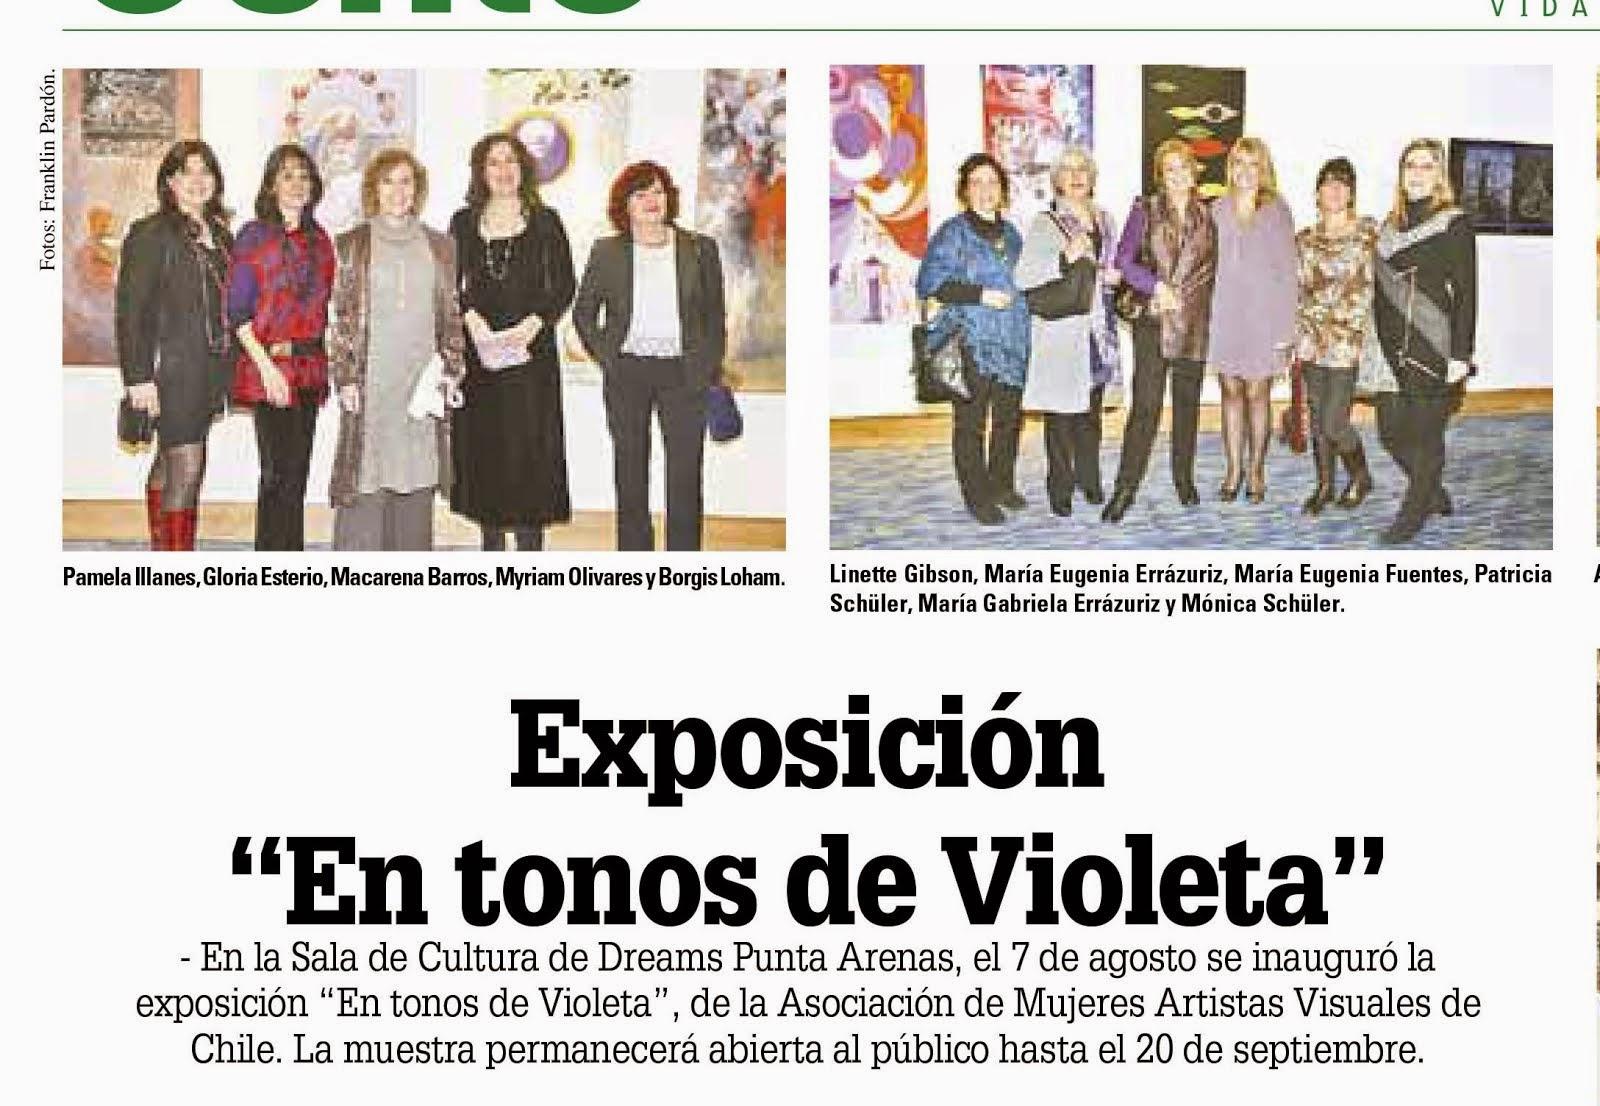 Prensa En Tonos de Violeta